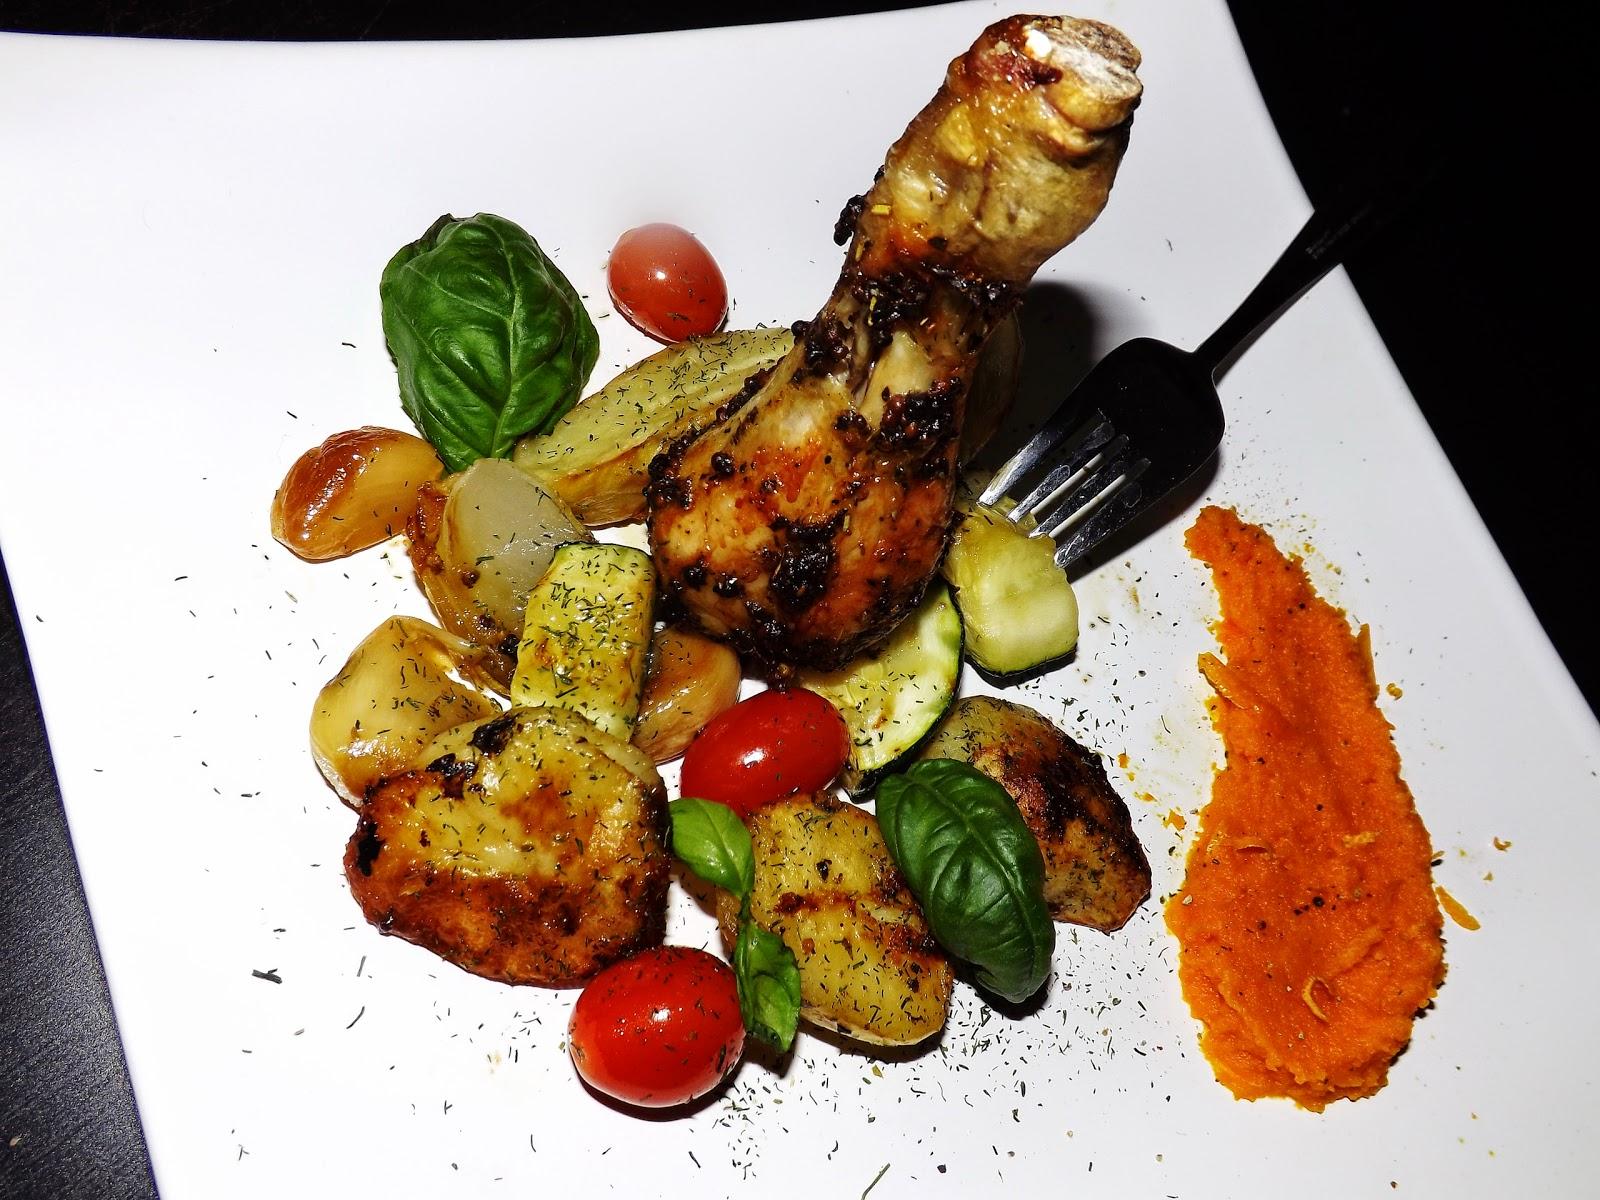 Ziołowe podudzia z pieczonymi warzywami i puree z marchewki